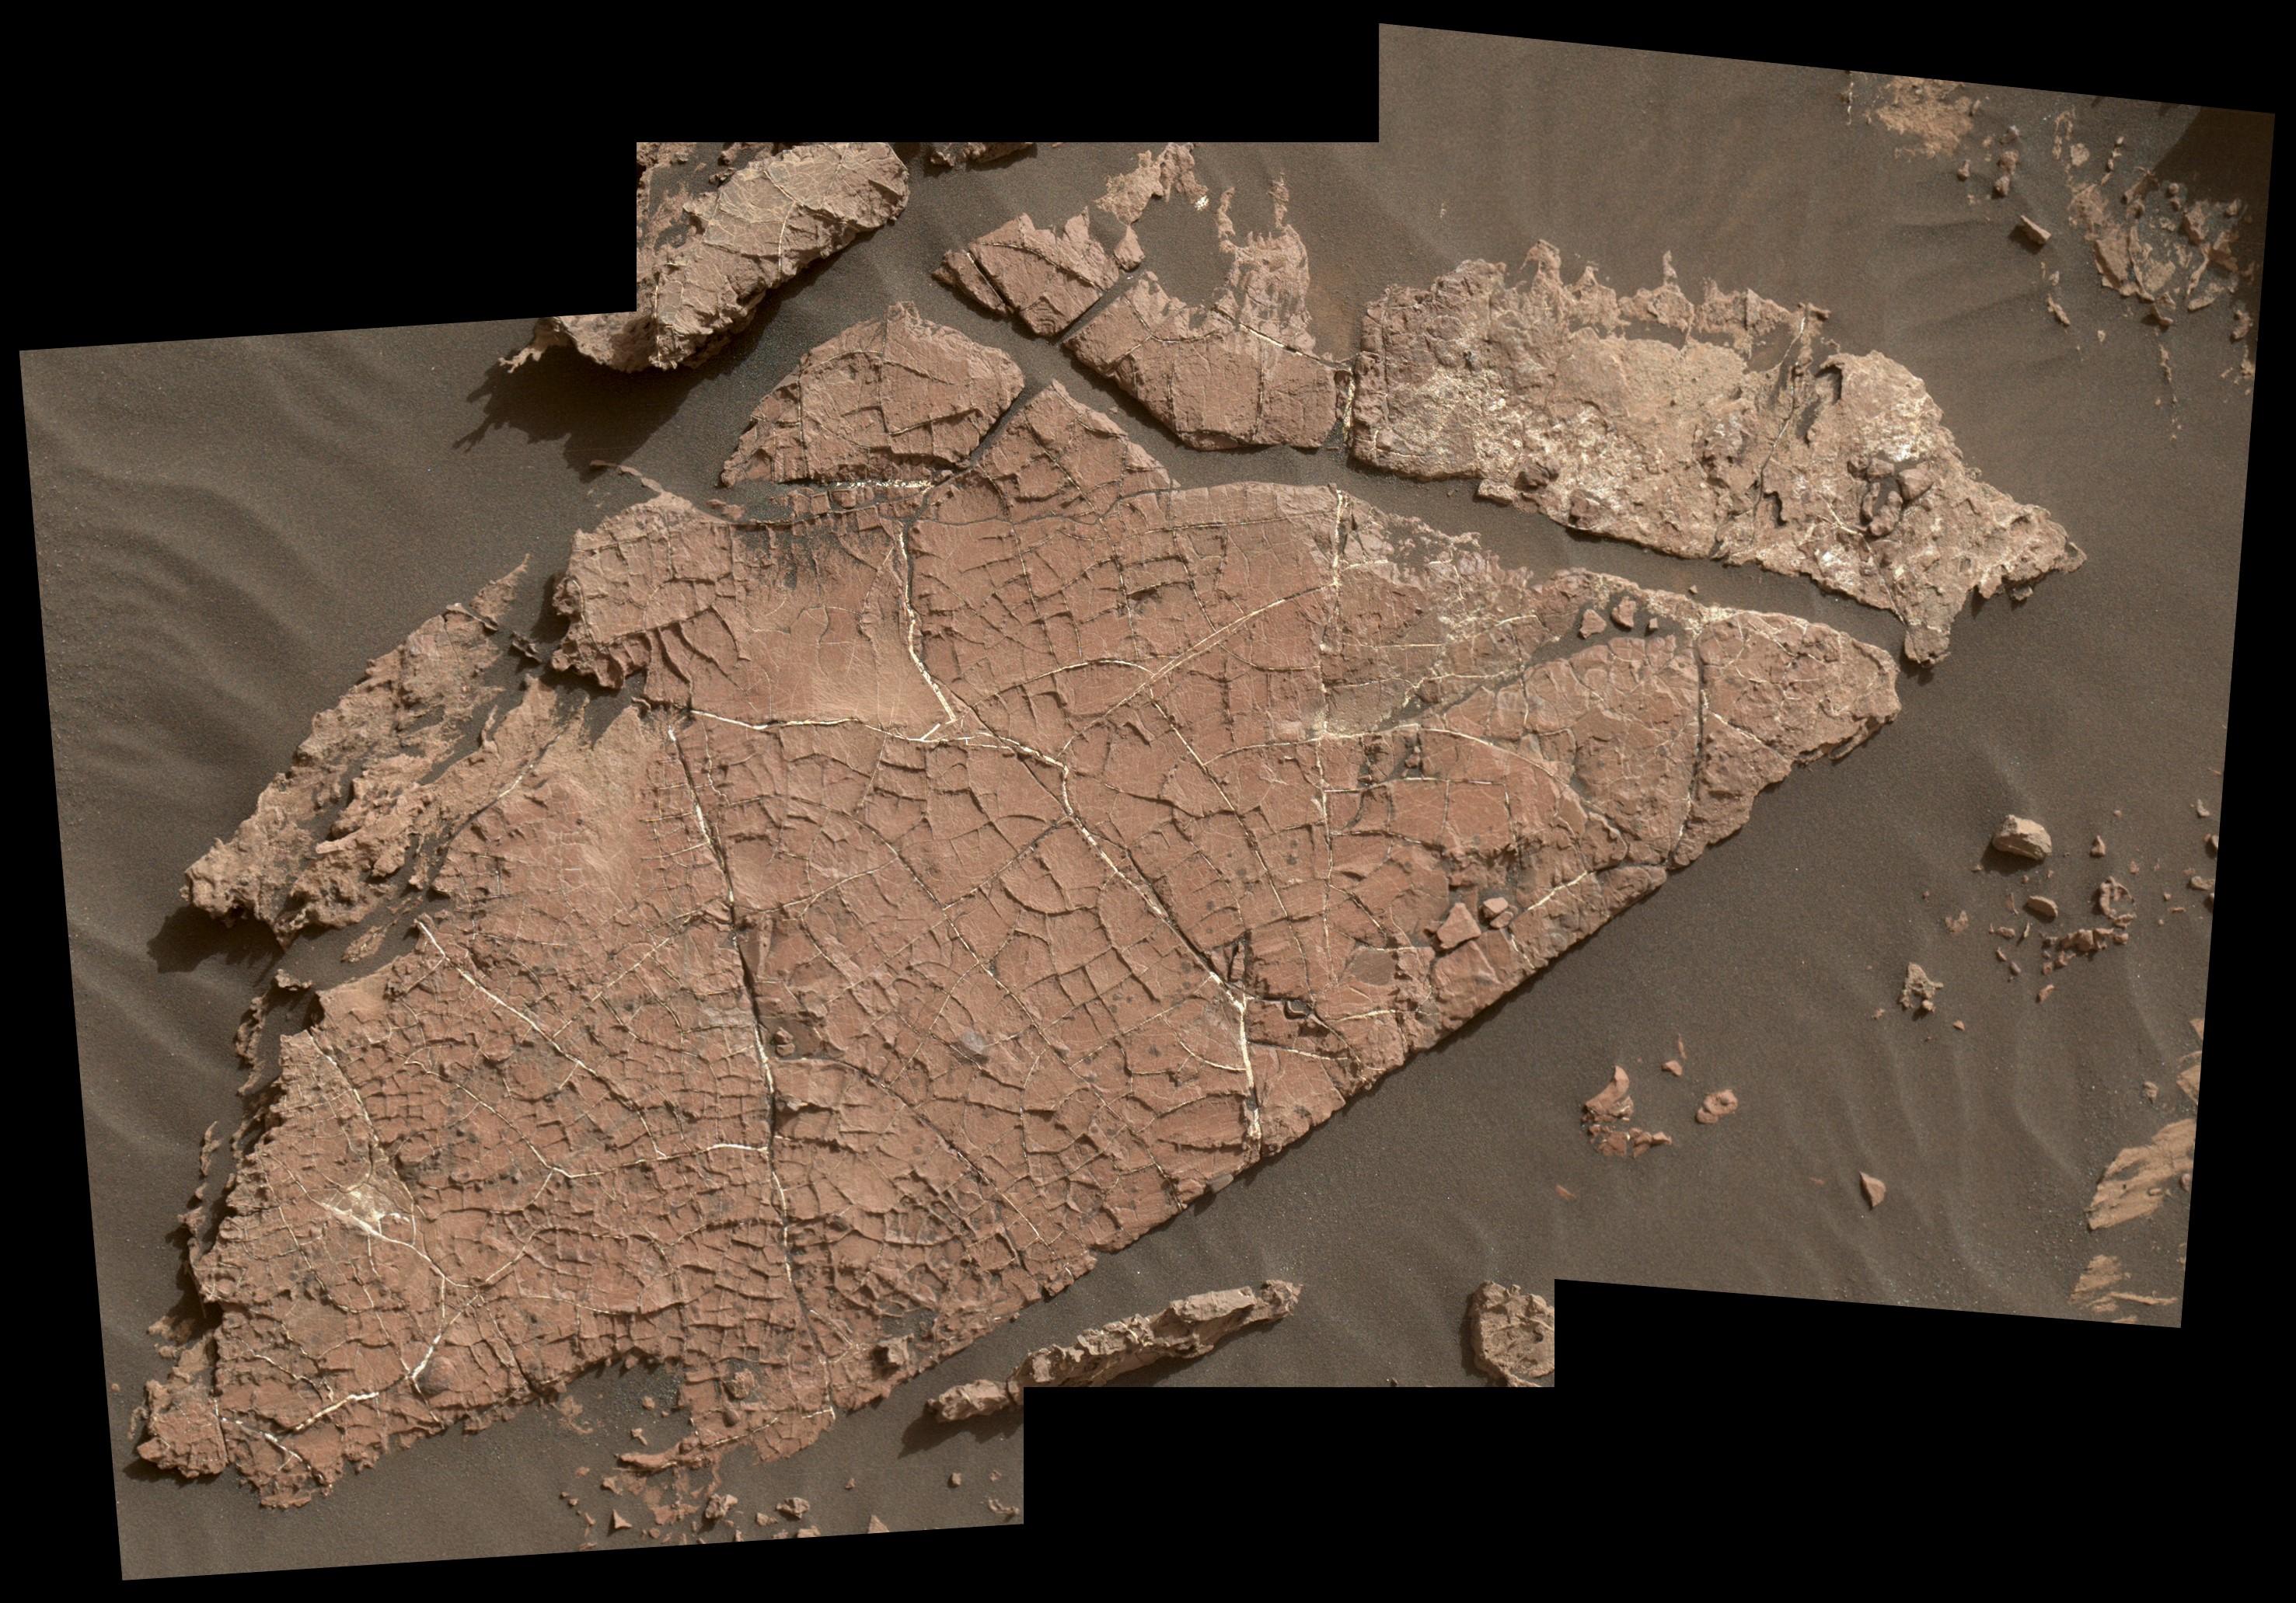 НАСА: Открихме следи от кал на Марс